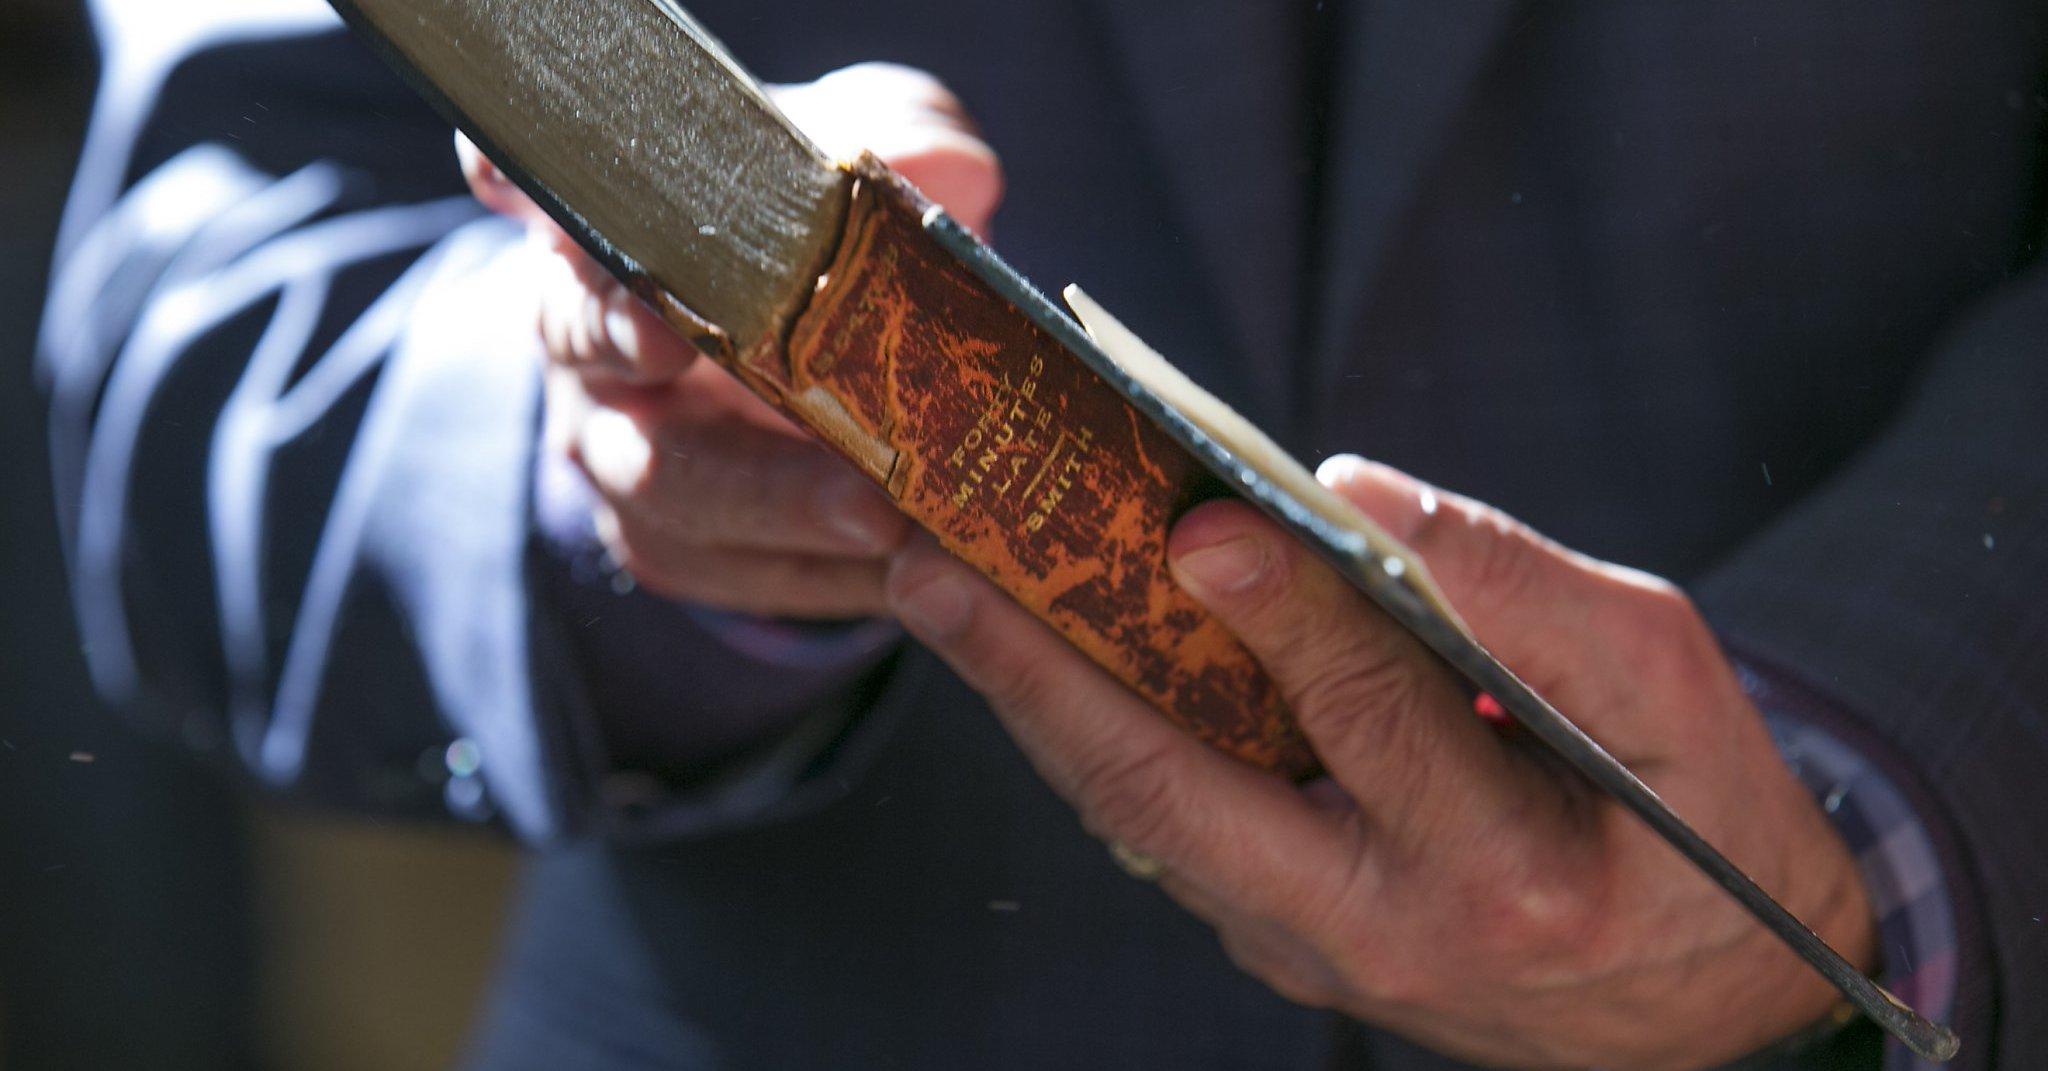 Książka oddana do biblioteki po 100 latach